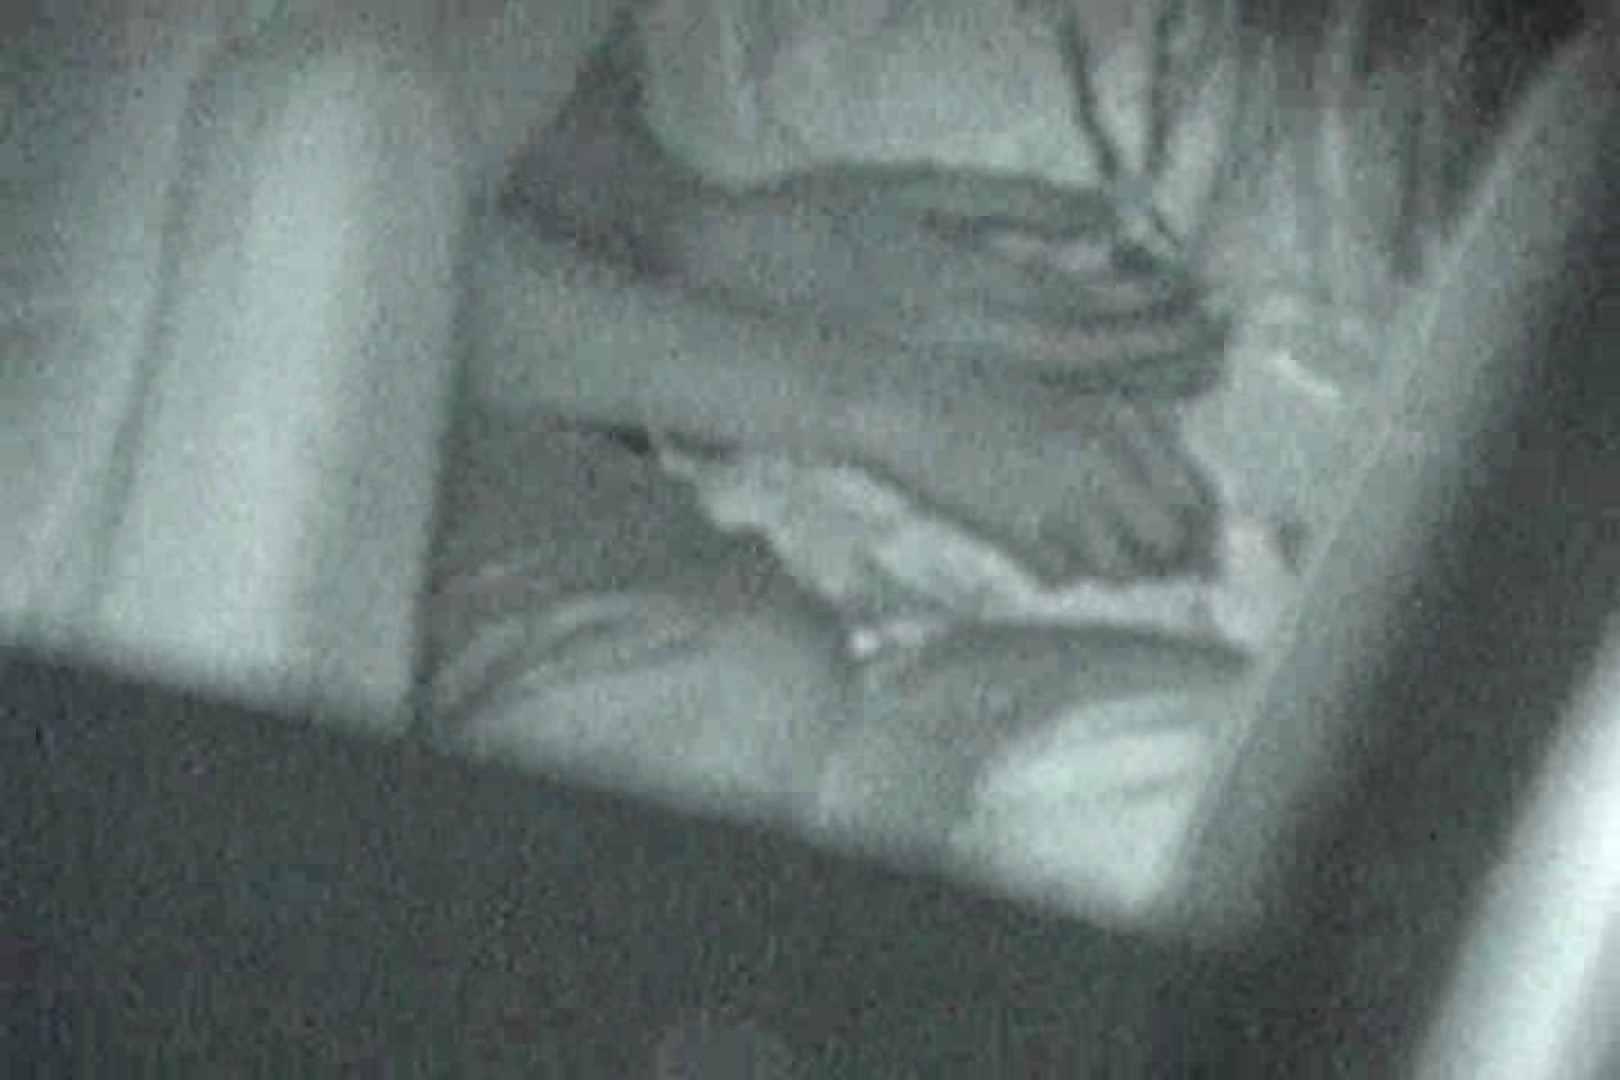 充血監督の深夜の運動会Vol.7 OLセックス 盗撮AV動画キャプチャ 98画像 86